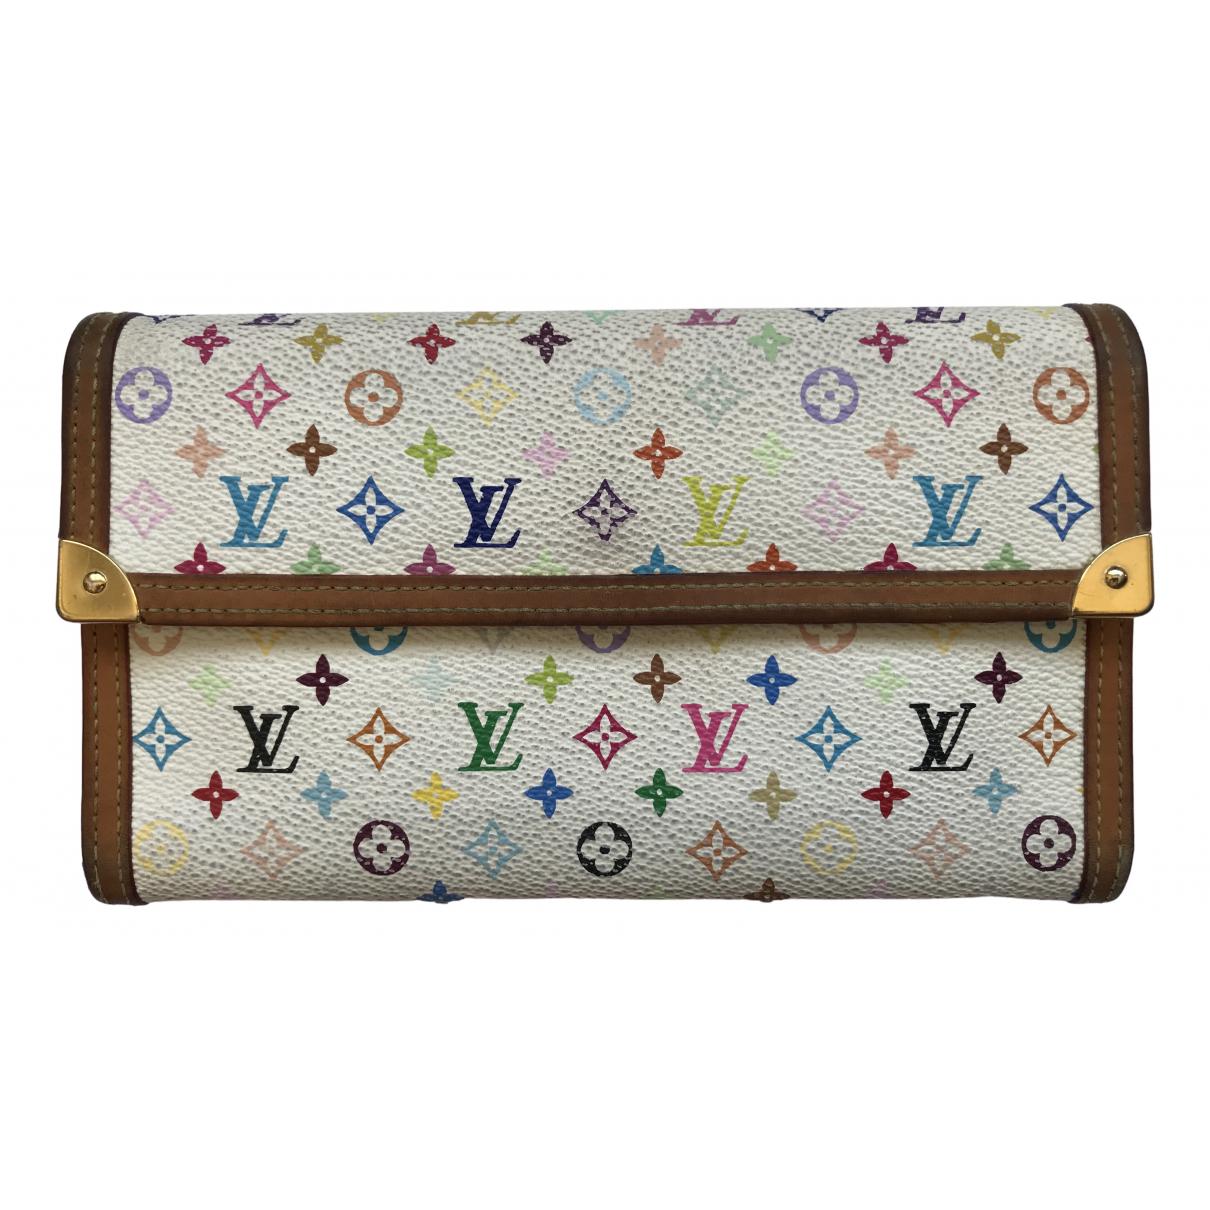 Louis Vuitton - Petite maroquinerie   pour femme en toile - multicolore